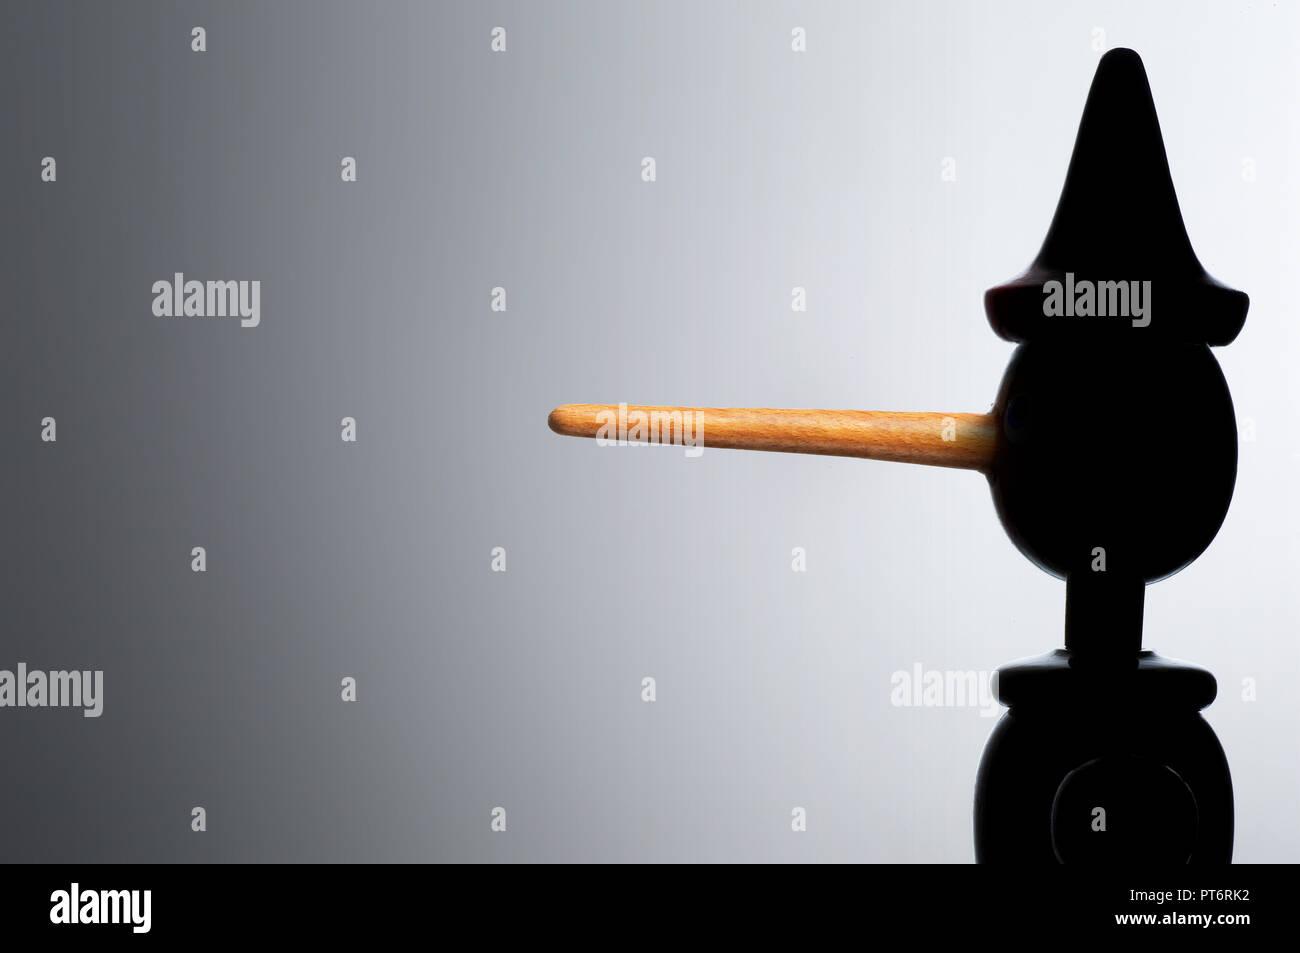 Konzept Pinocchio Puppe Abbildung in Silhouette, die eine lange Nase, Lüge, Lügen, Un trust Wortlaut Stockbild